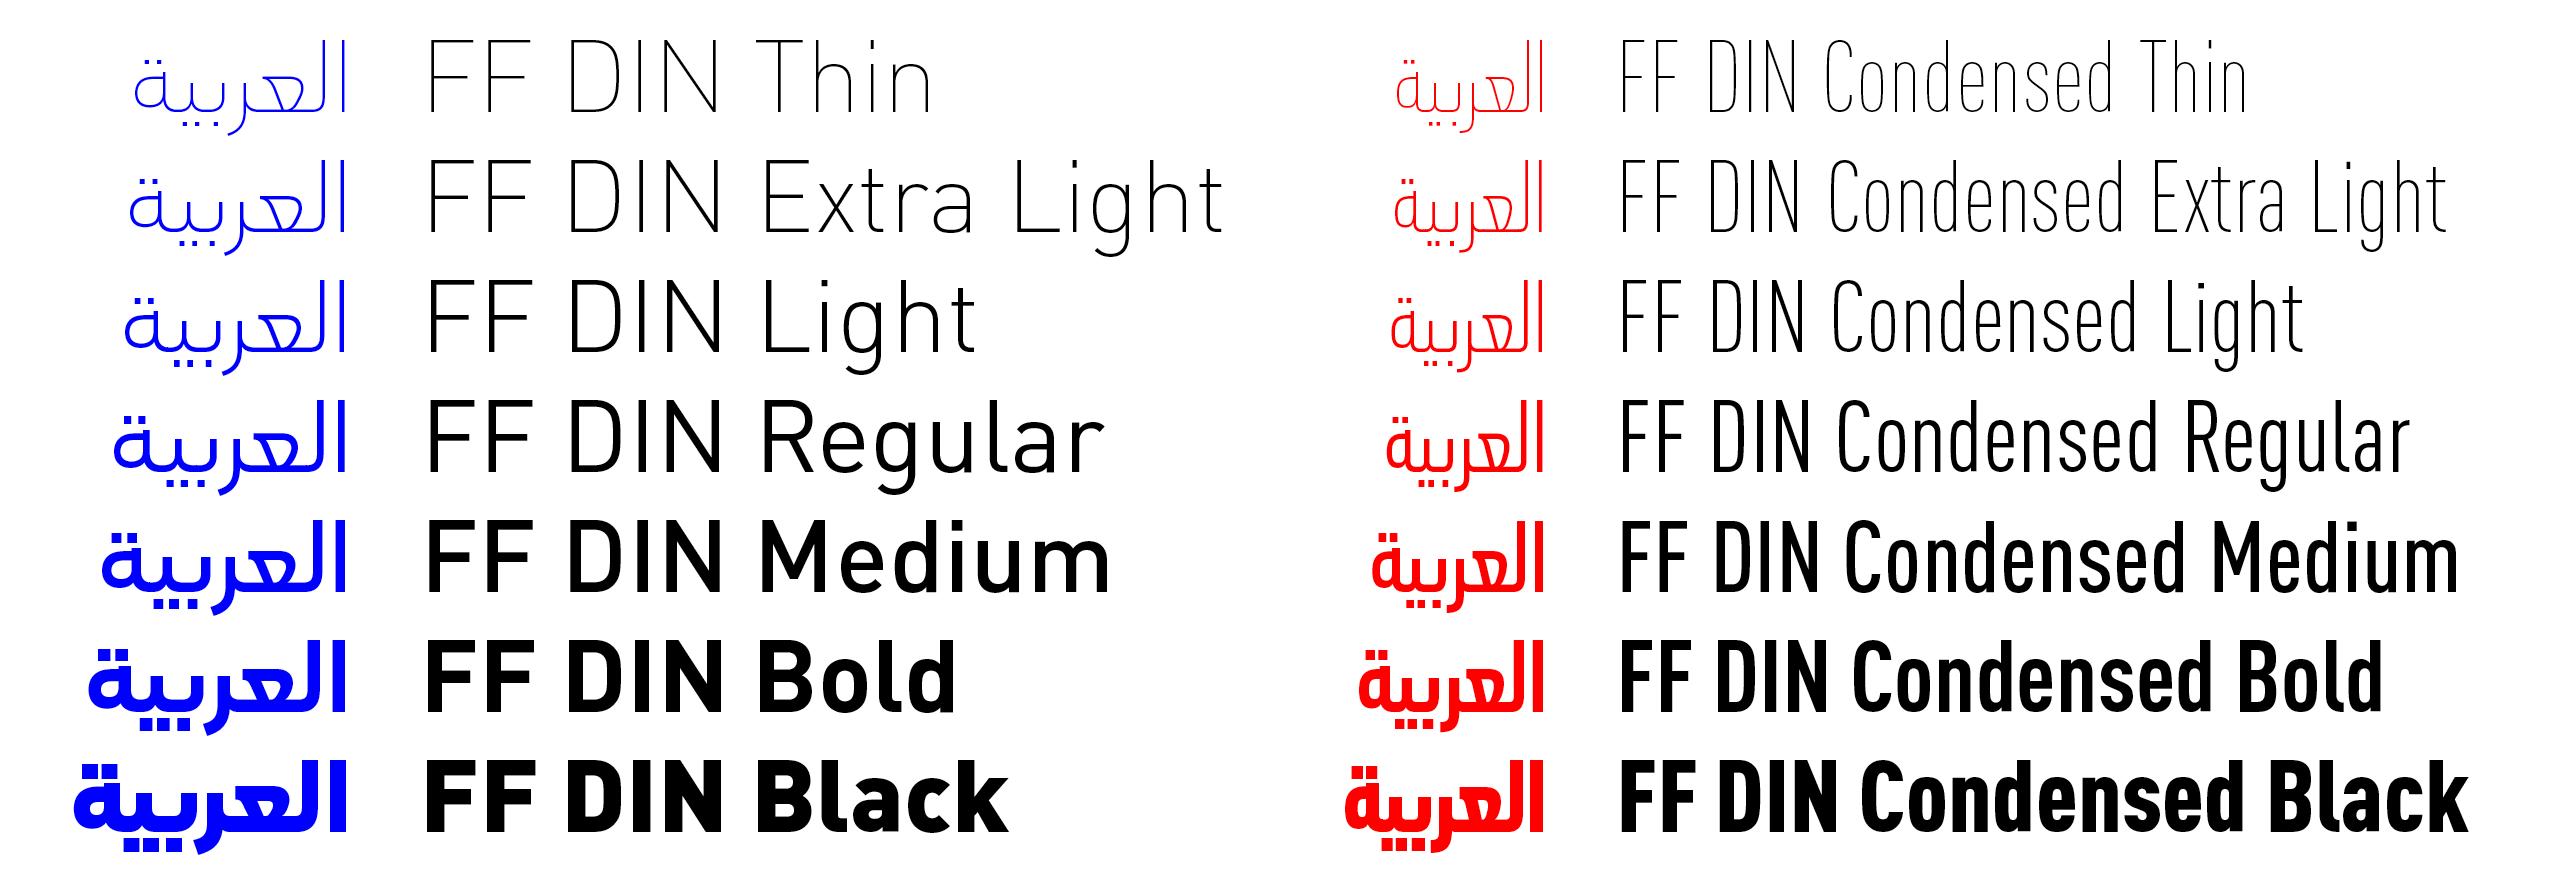 FF DIN vs. FF DIN Condensed